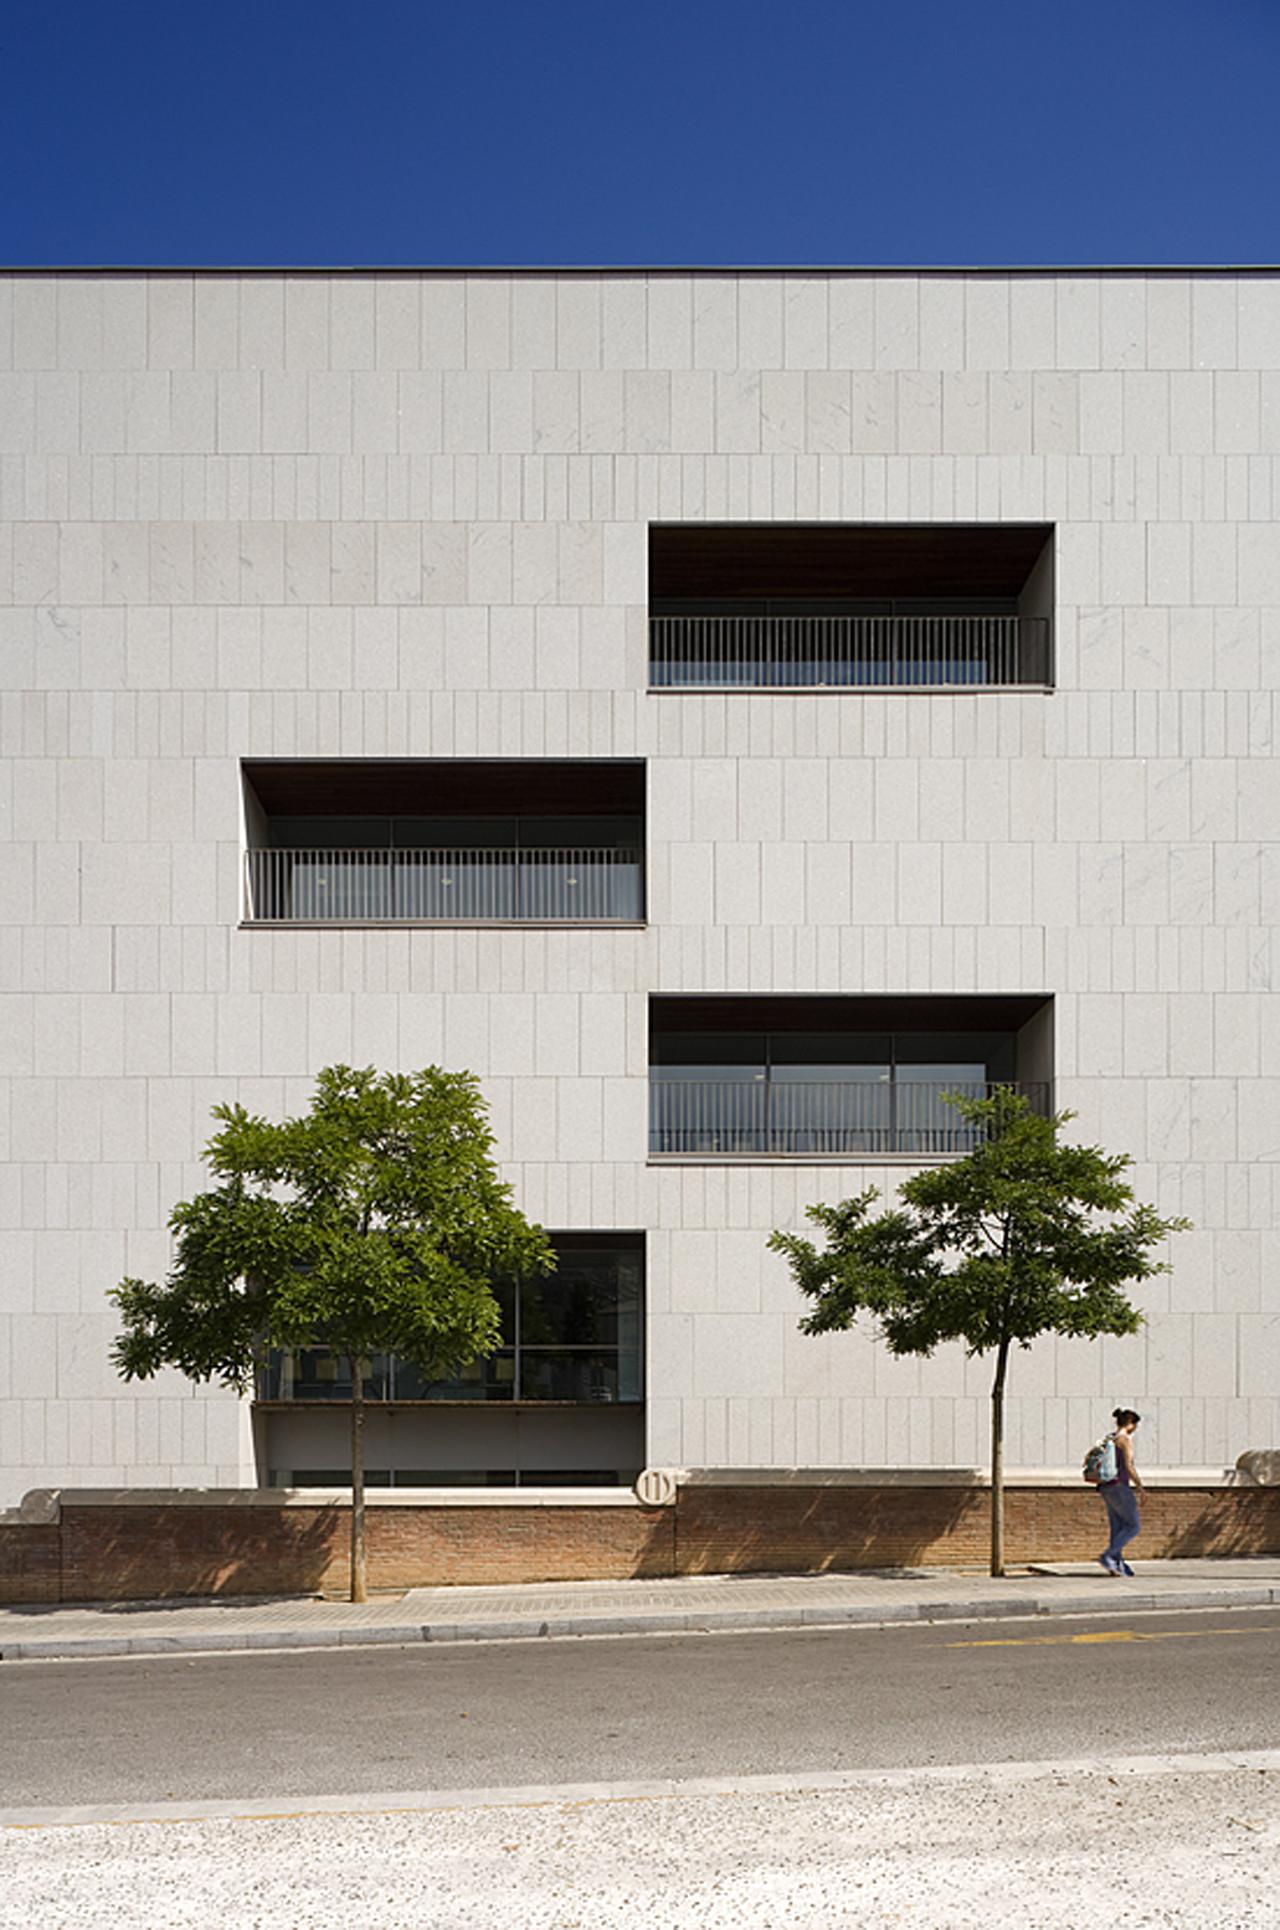 Hospital de la Santa Creu i Sant Pau / Silvia Barbera Correia + Jose luis Canosa + Francisco Rius + Esteban Bonell + Josep Maria Gil, © Lluis Casals